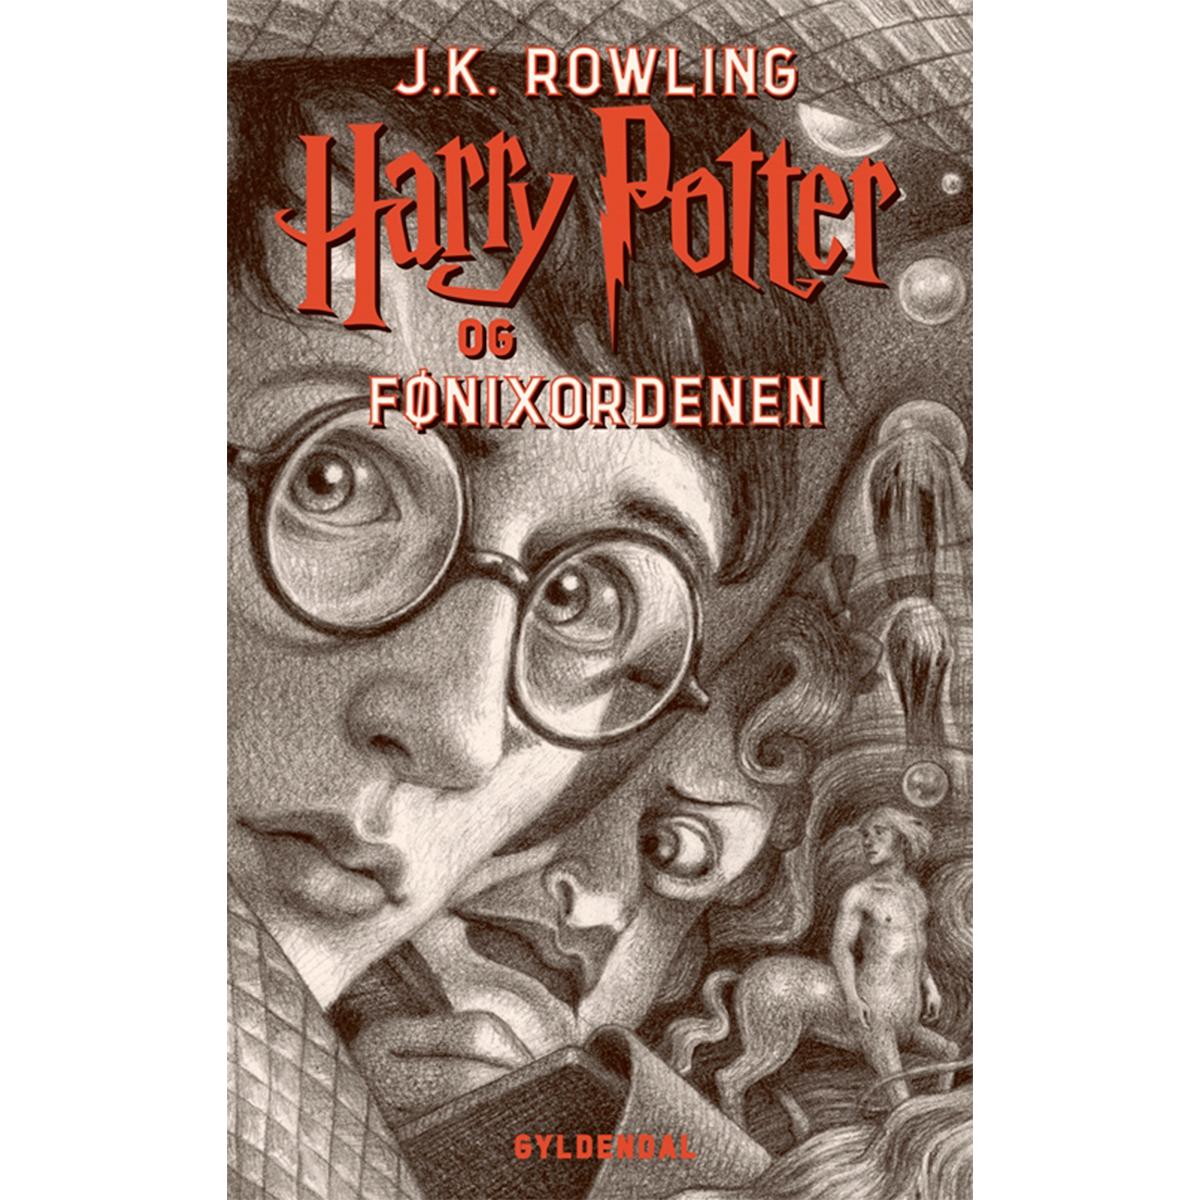 Harry Potter og Fønixordenen - Harry Potter 5 - Hæftet